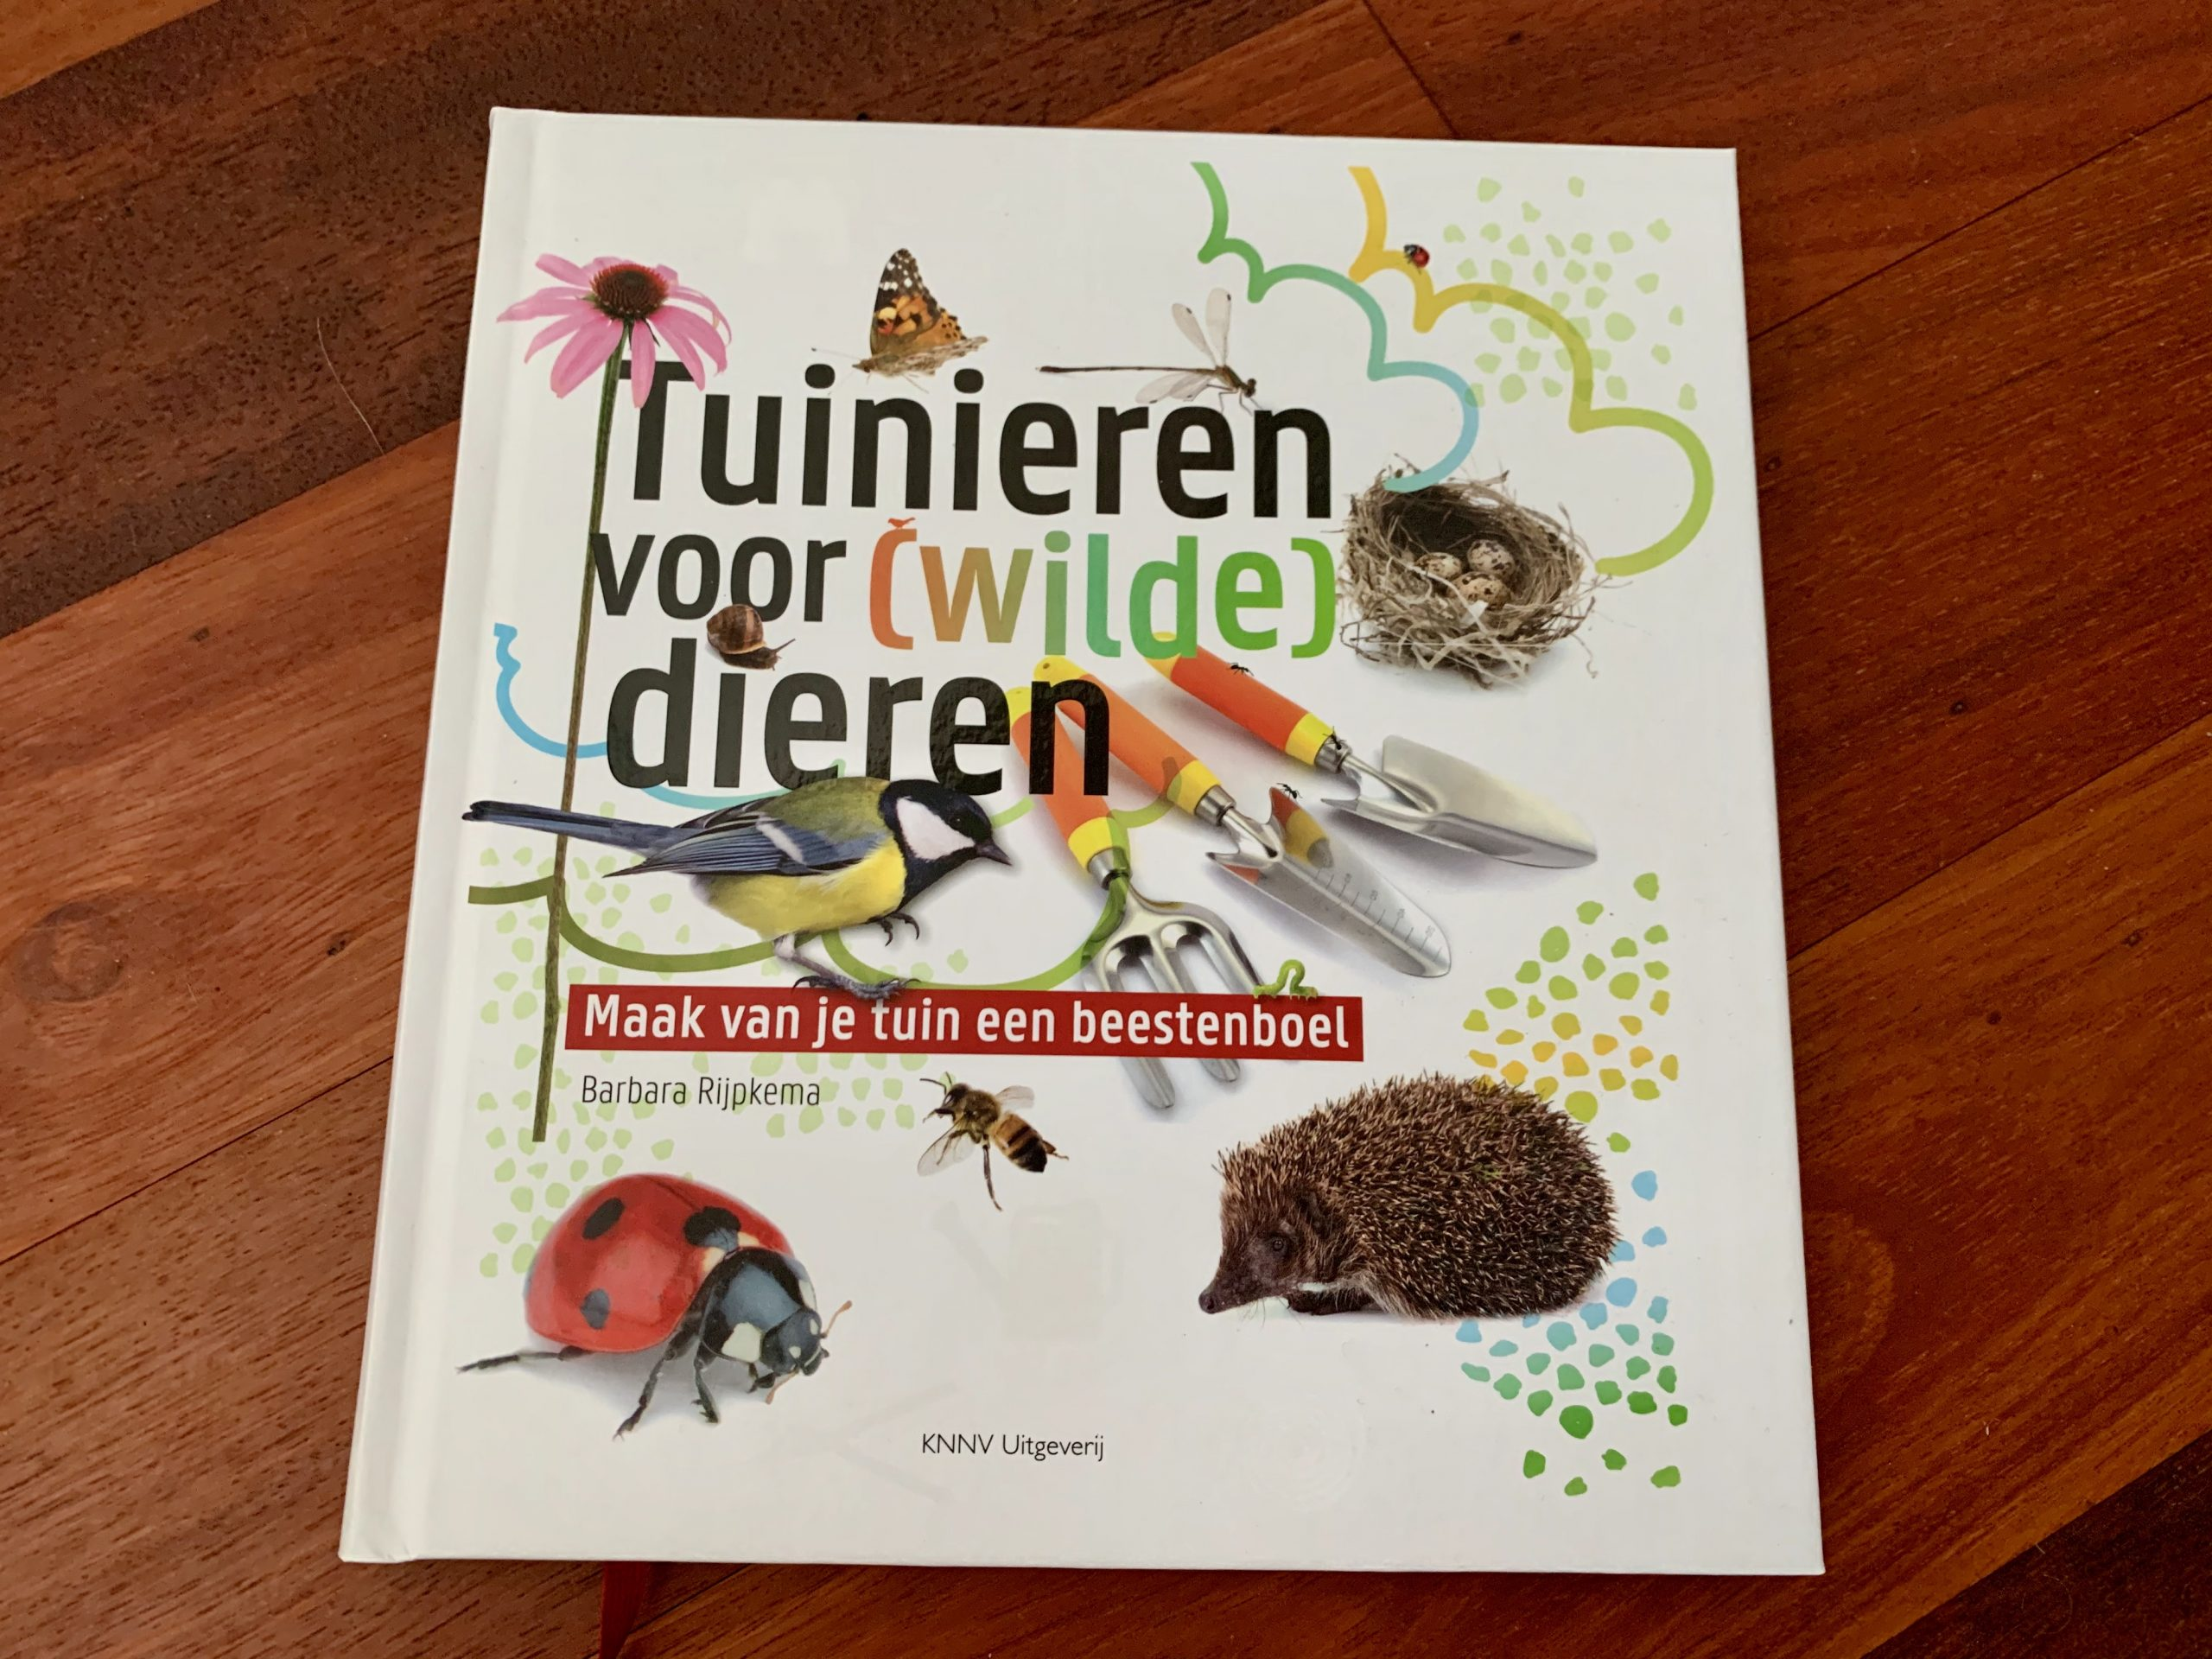 Boek tuinieren voor wilde dieren